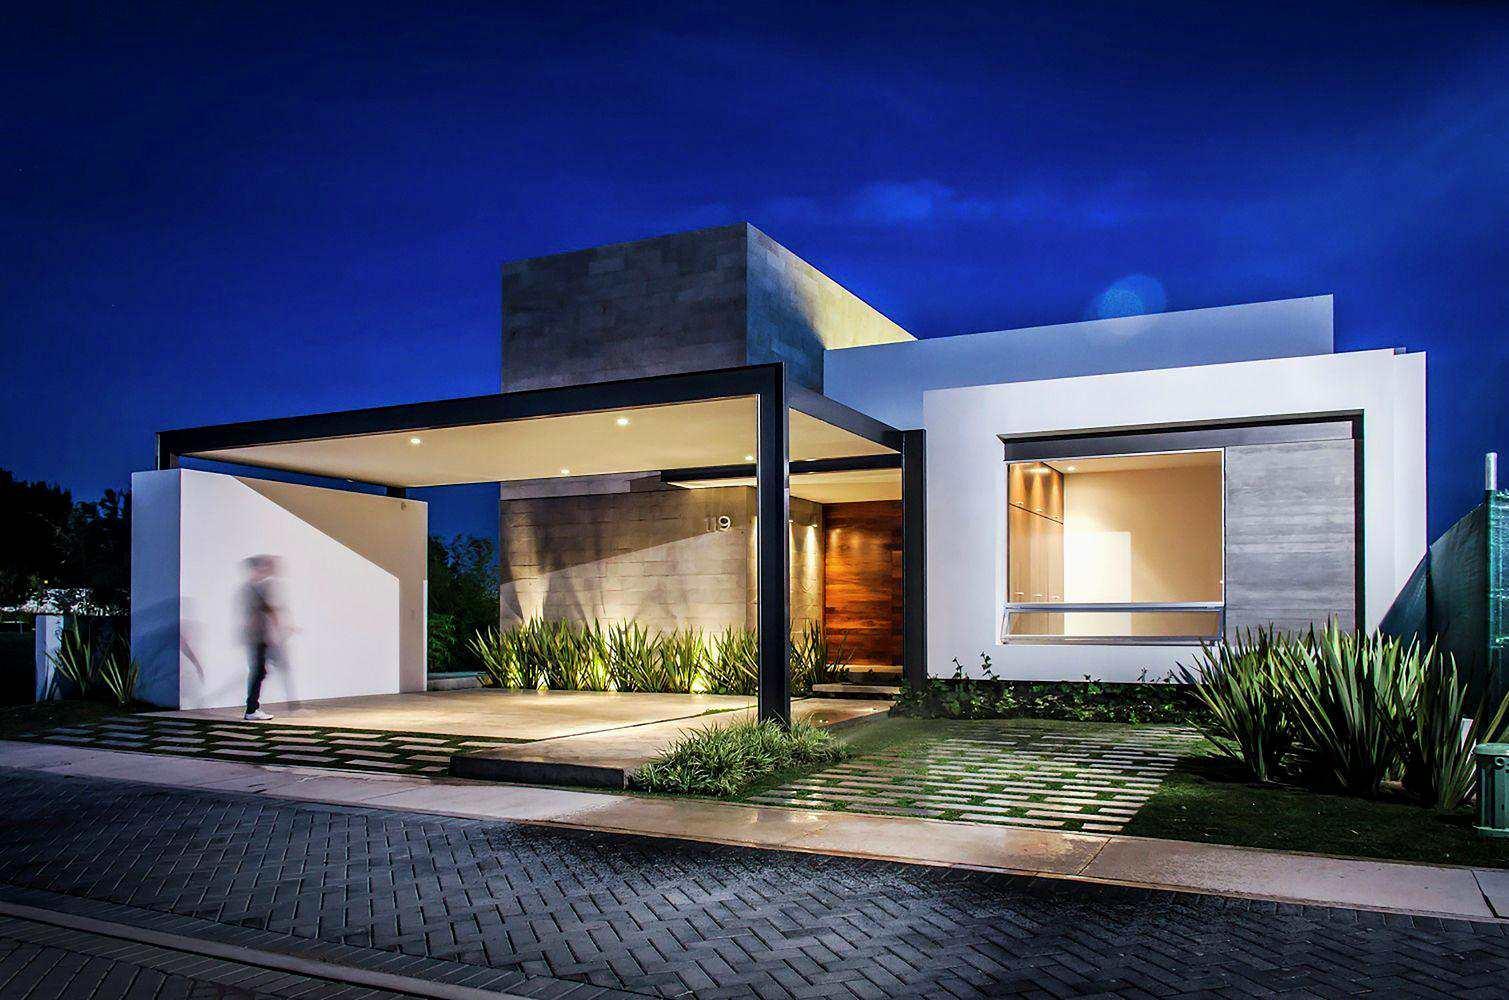 Casa de Condomínio com 2 dorms, Tupiry, Praia Grande - R$ 9.99 mi, Cod: 3